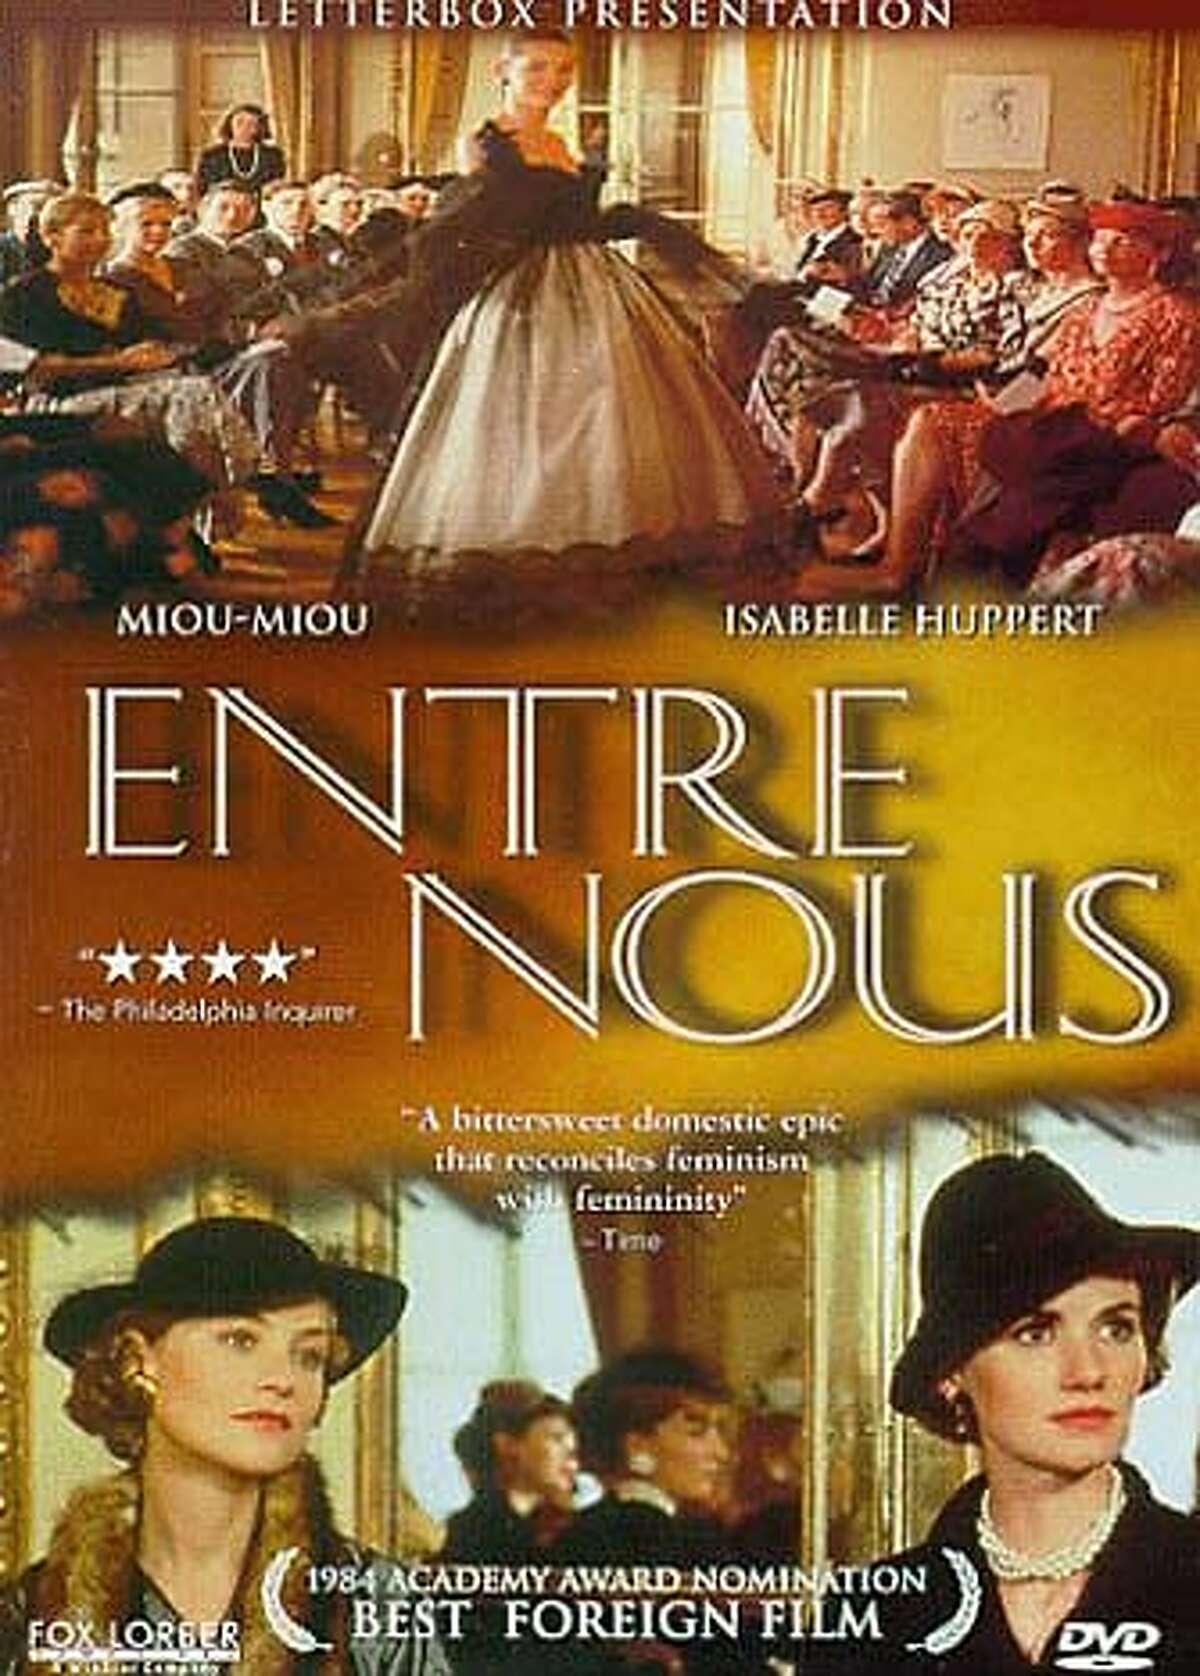 DVD cover art for,